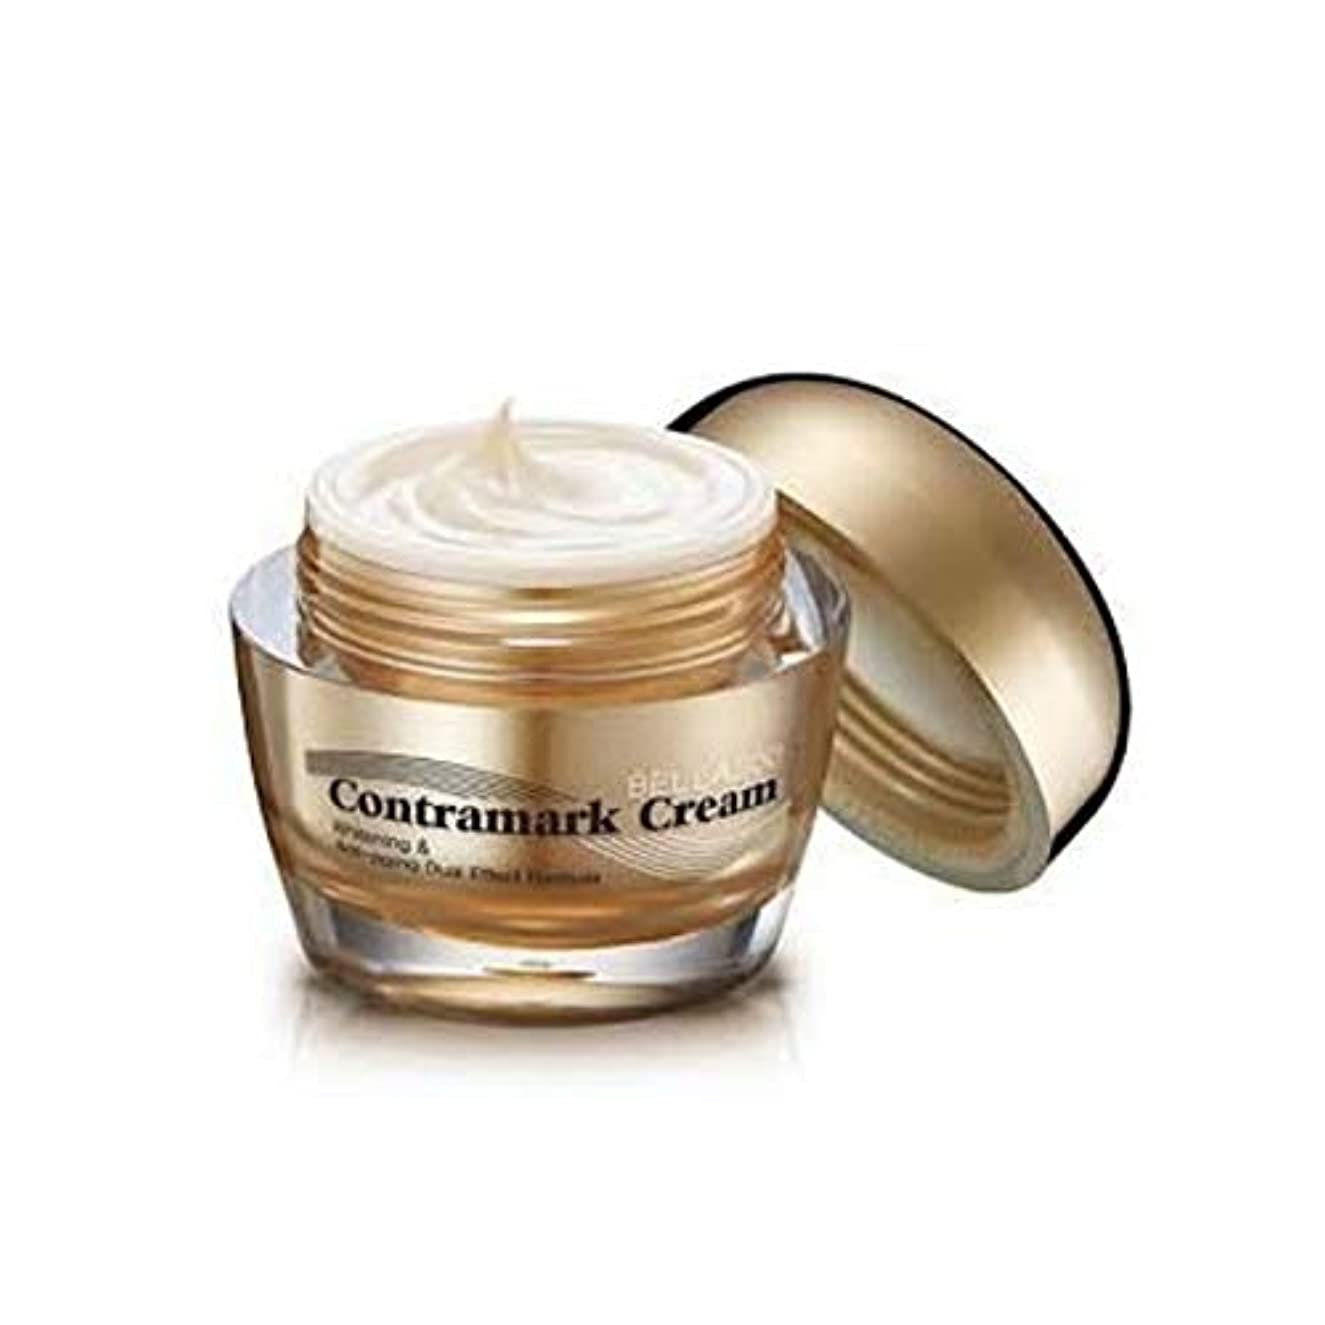 将来のハイランド登る鍾根堂ベラシュコントラマーククリーム30gシミ?ソバカス韓国コスメ、Chong Kun Dang Bellasoo Contramark Cream 30g Melasma Cream Korean Cosmetics [並行輸入品]